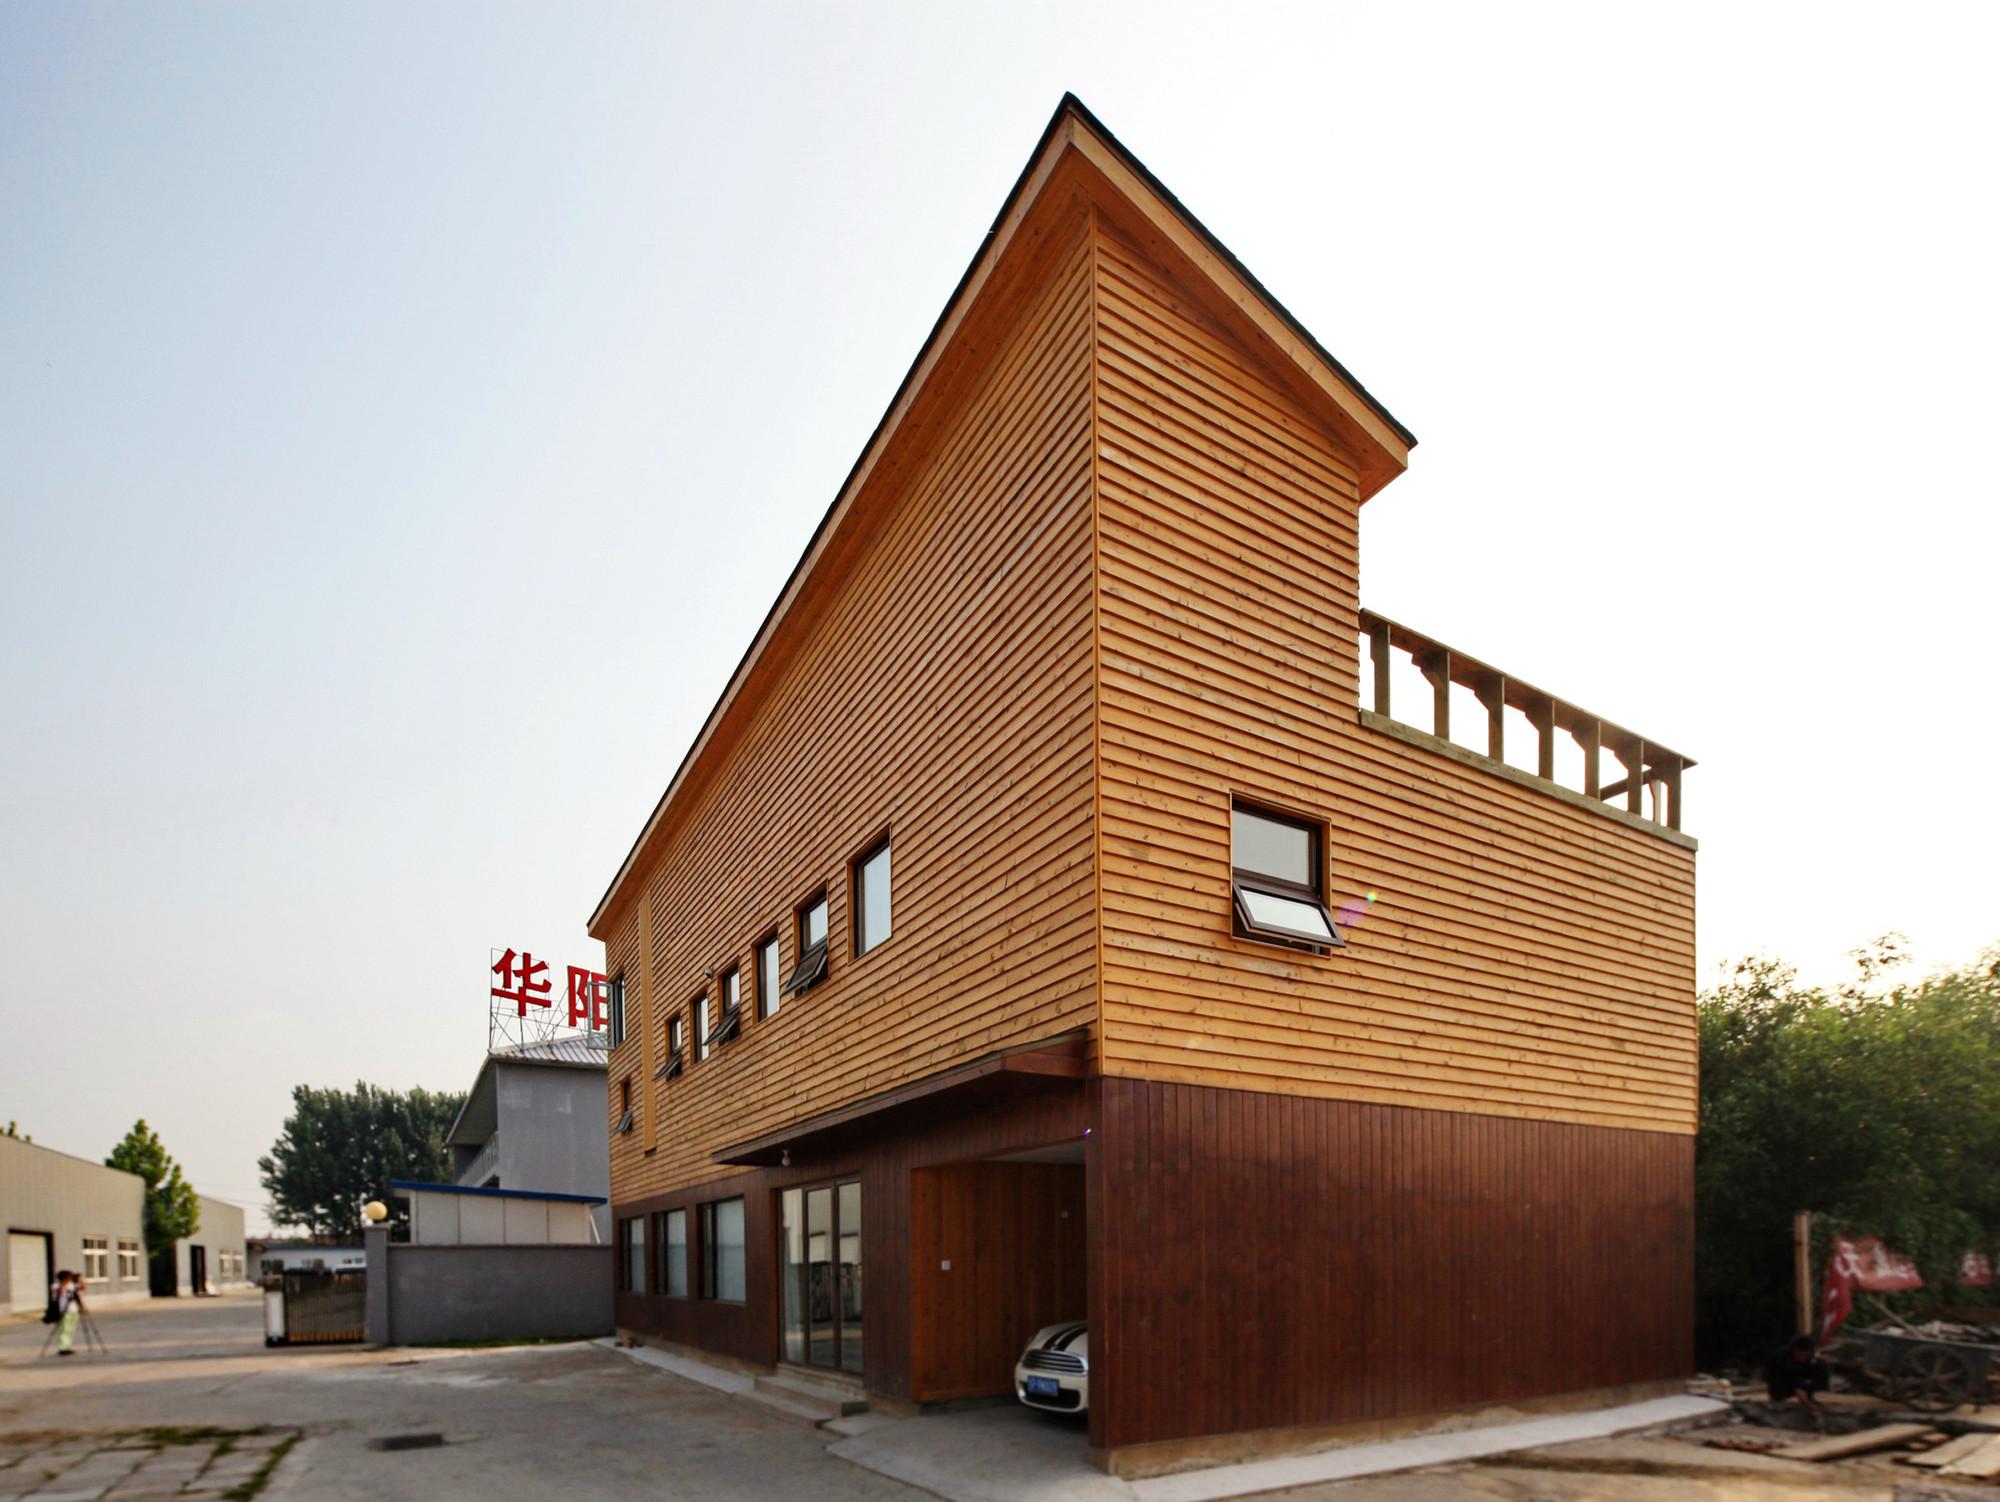 W House / Slow Architecture, © Fei Zhiwei